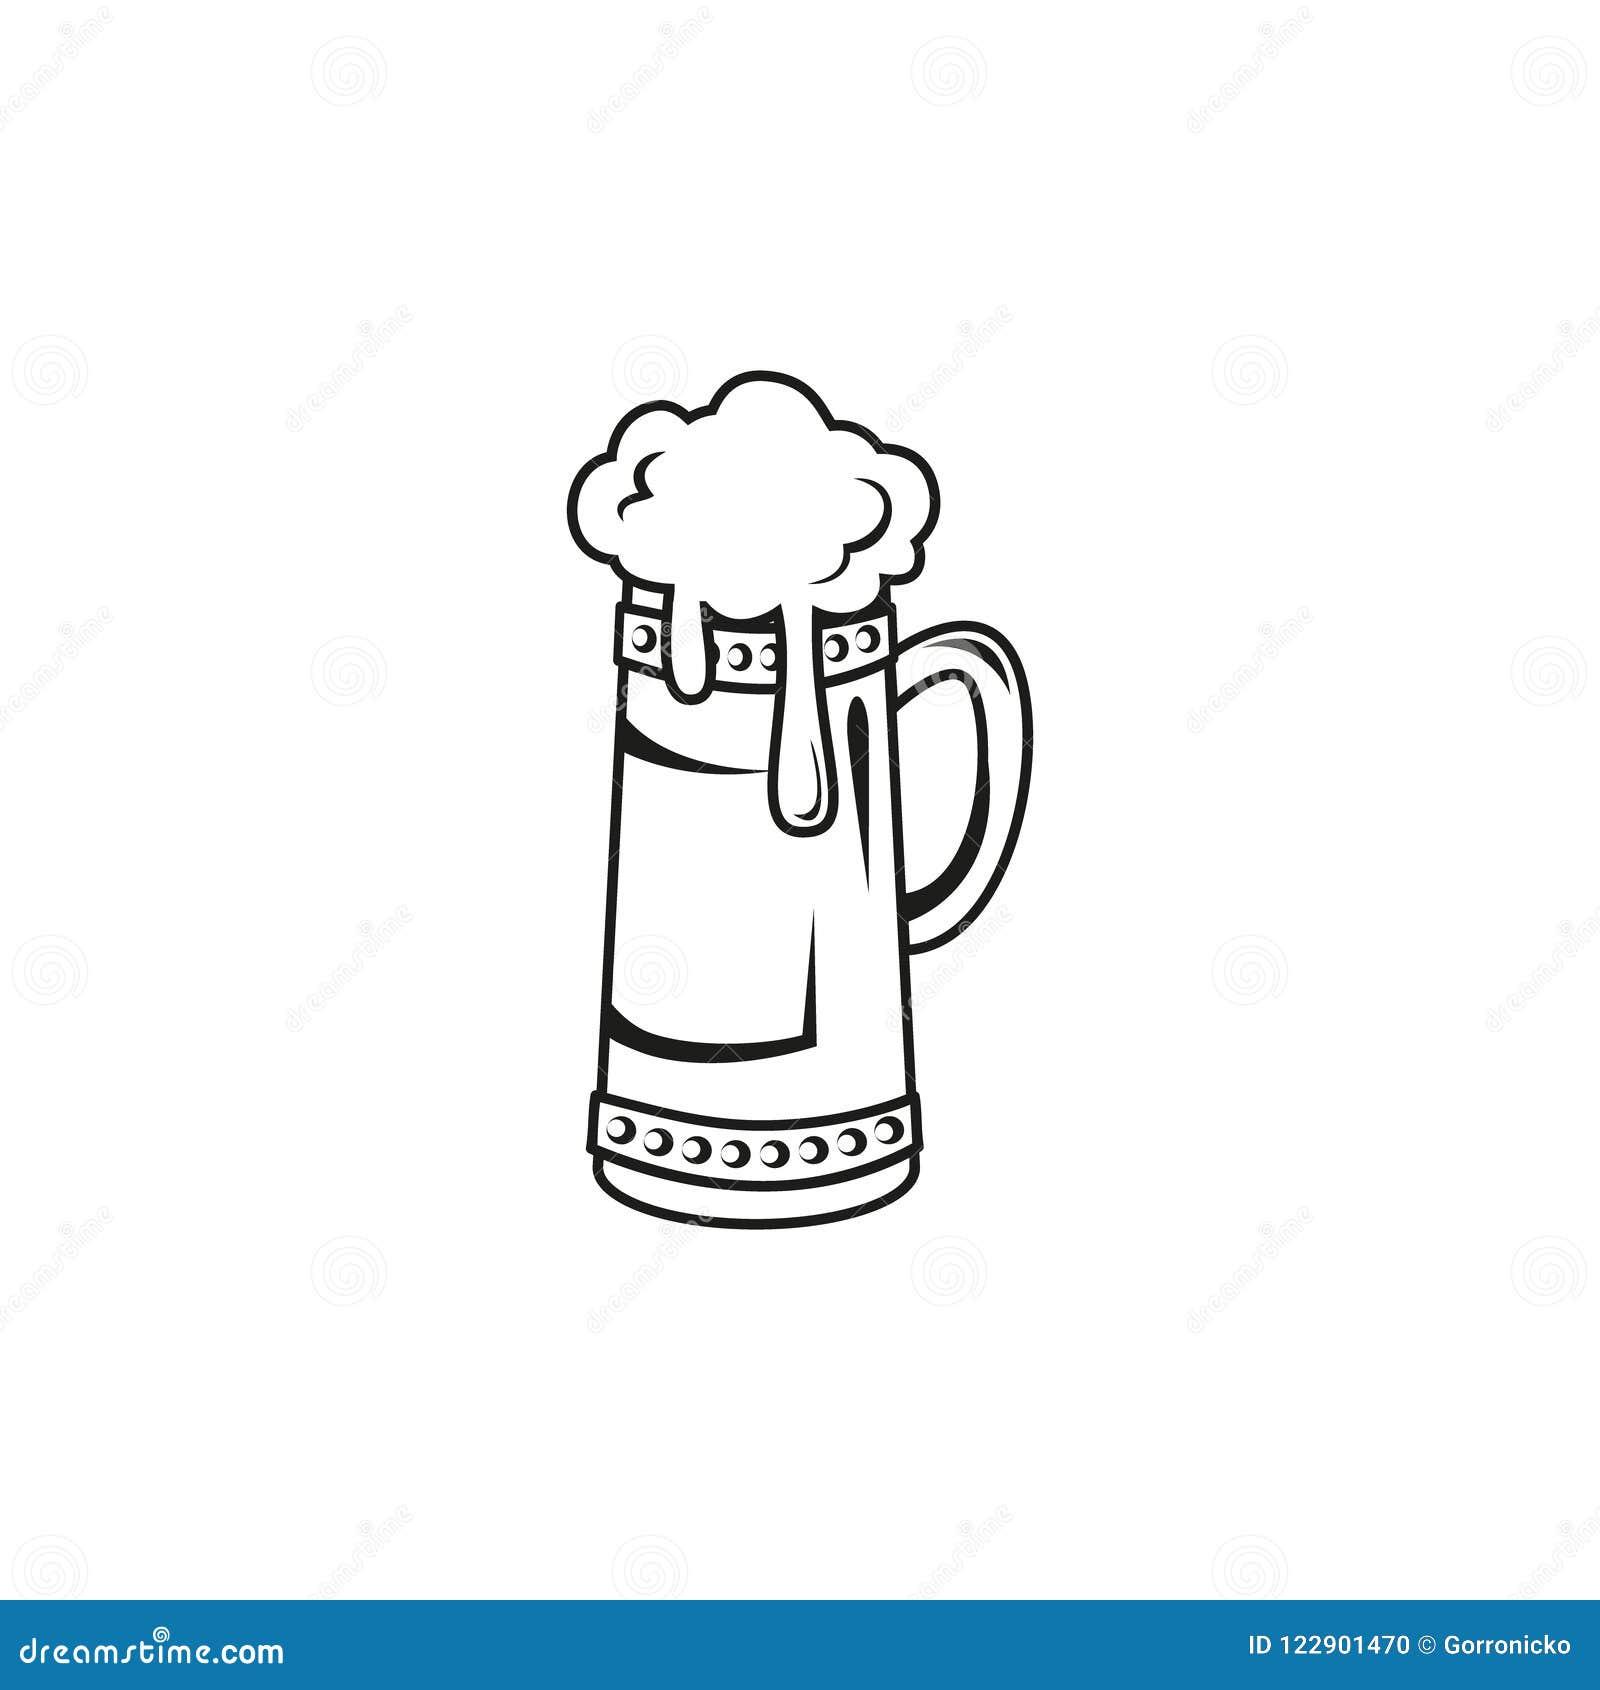 Prosta wektorowa kontur ikona z piwnego kubka uderzeniem